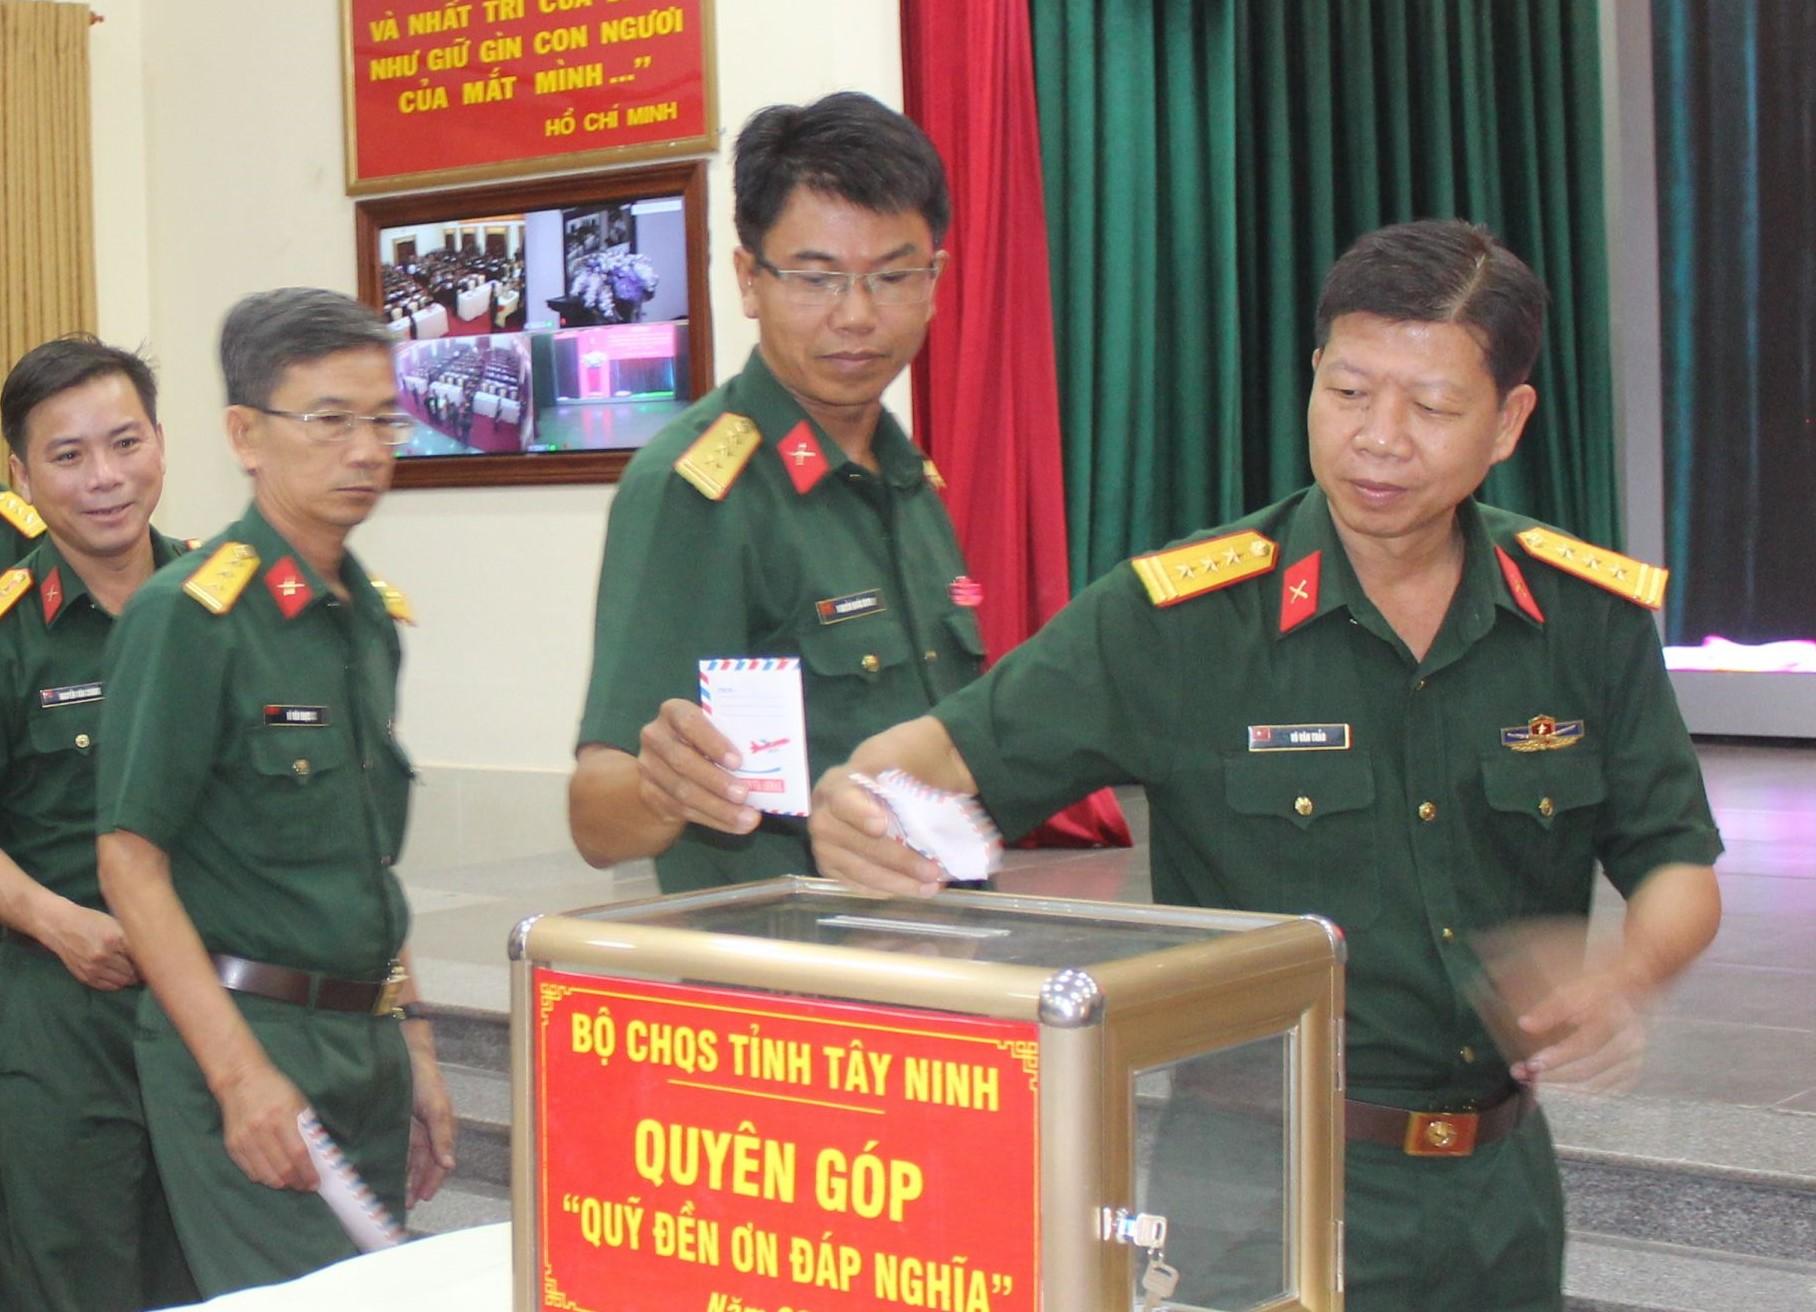 """Cán bộ, chiến sĩ, quân nhân chuyên nghiệp, công nhân viên quốc phòng LLVT Tây Ninh đóng góp cho Quỹ """"Đền ơn đáp nghĩa"""". Ảnh minh hoạ: Sơn Tòng"""